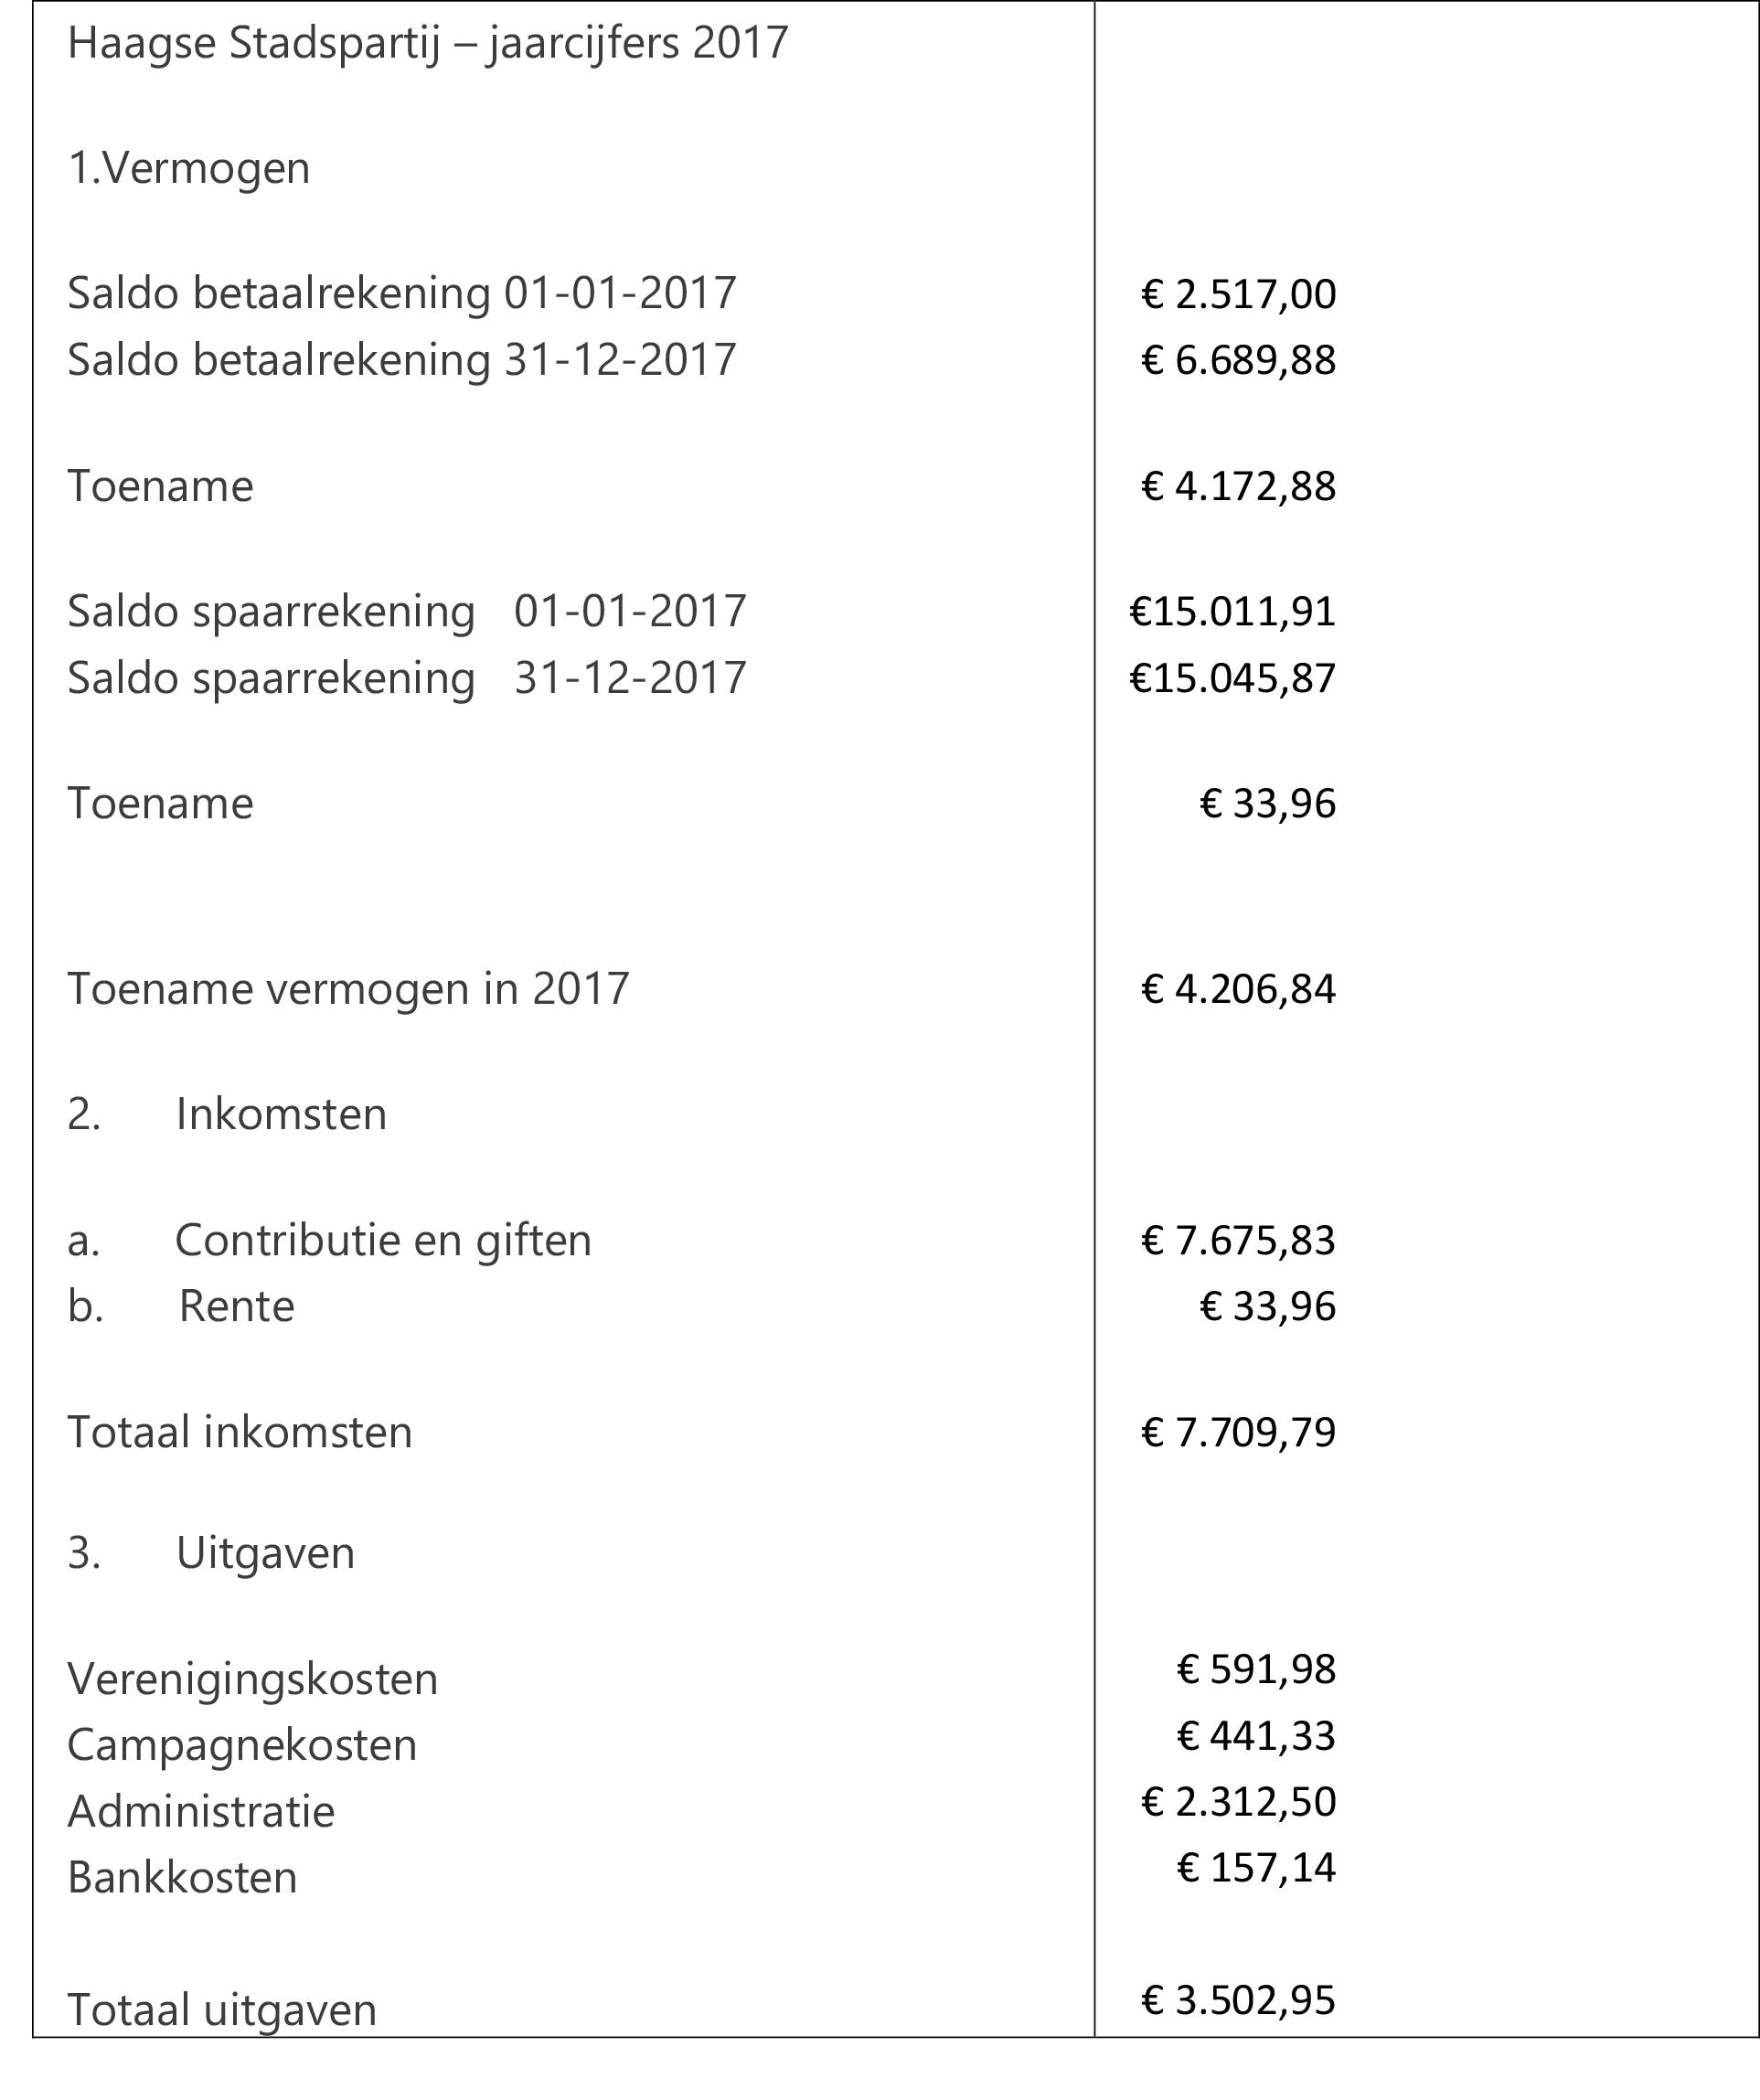 Jaarcijfers 2017